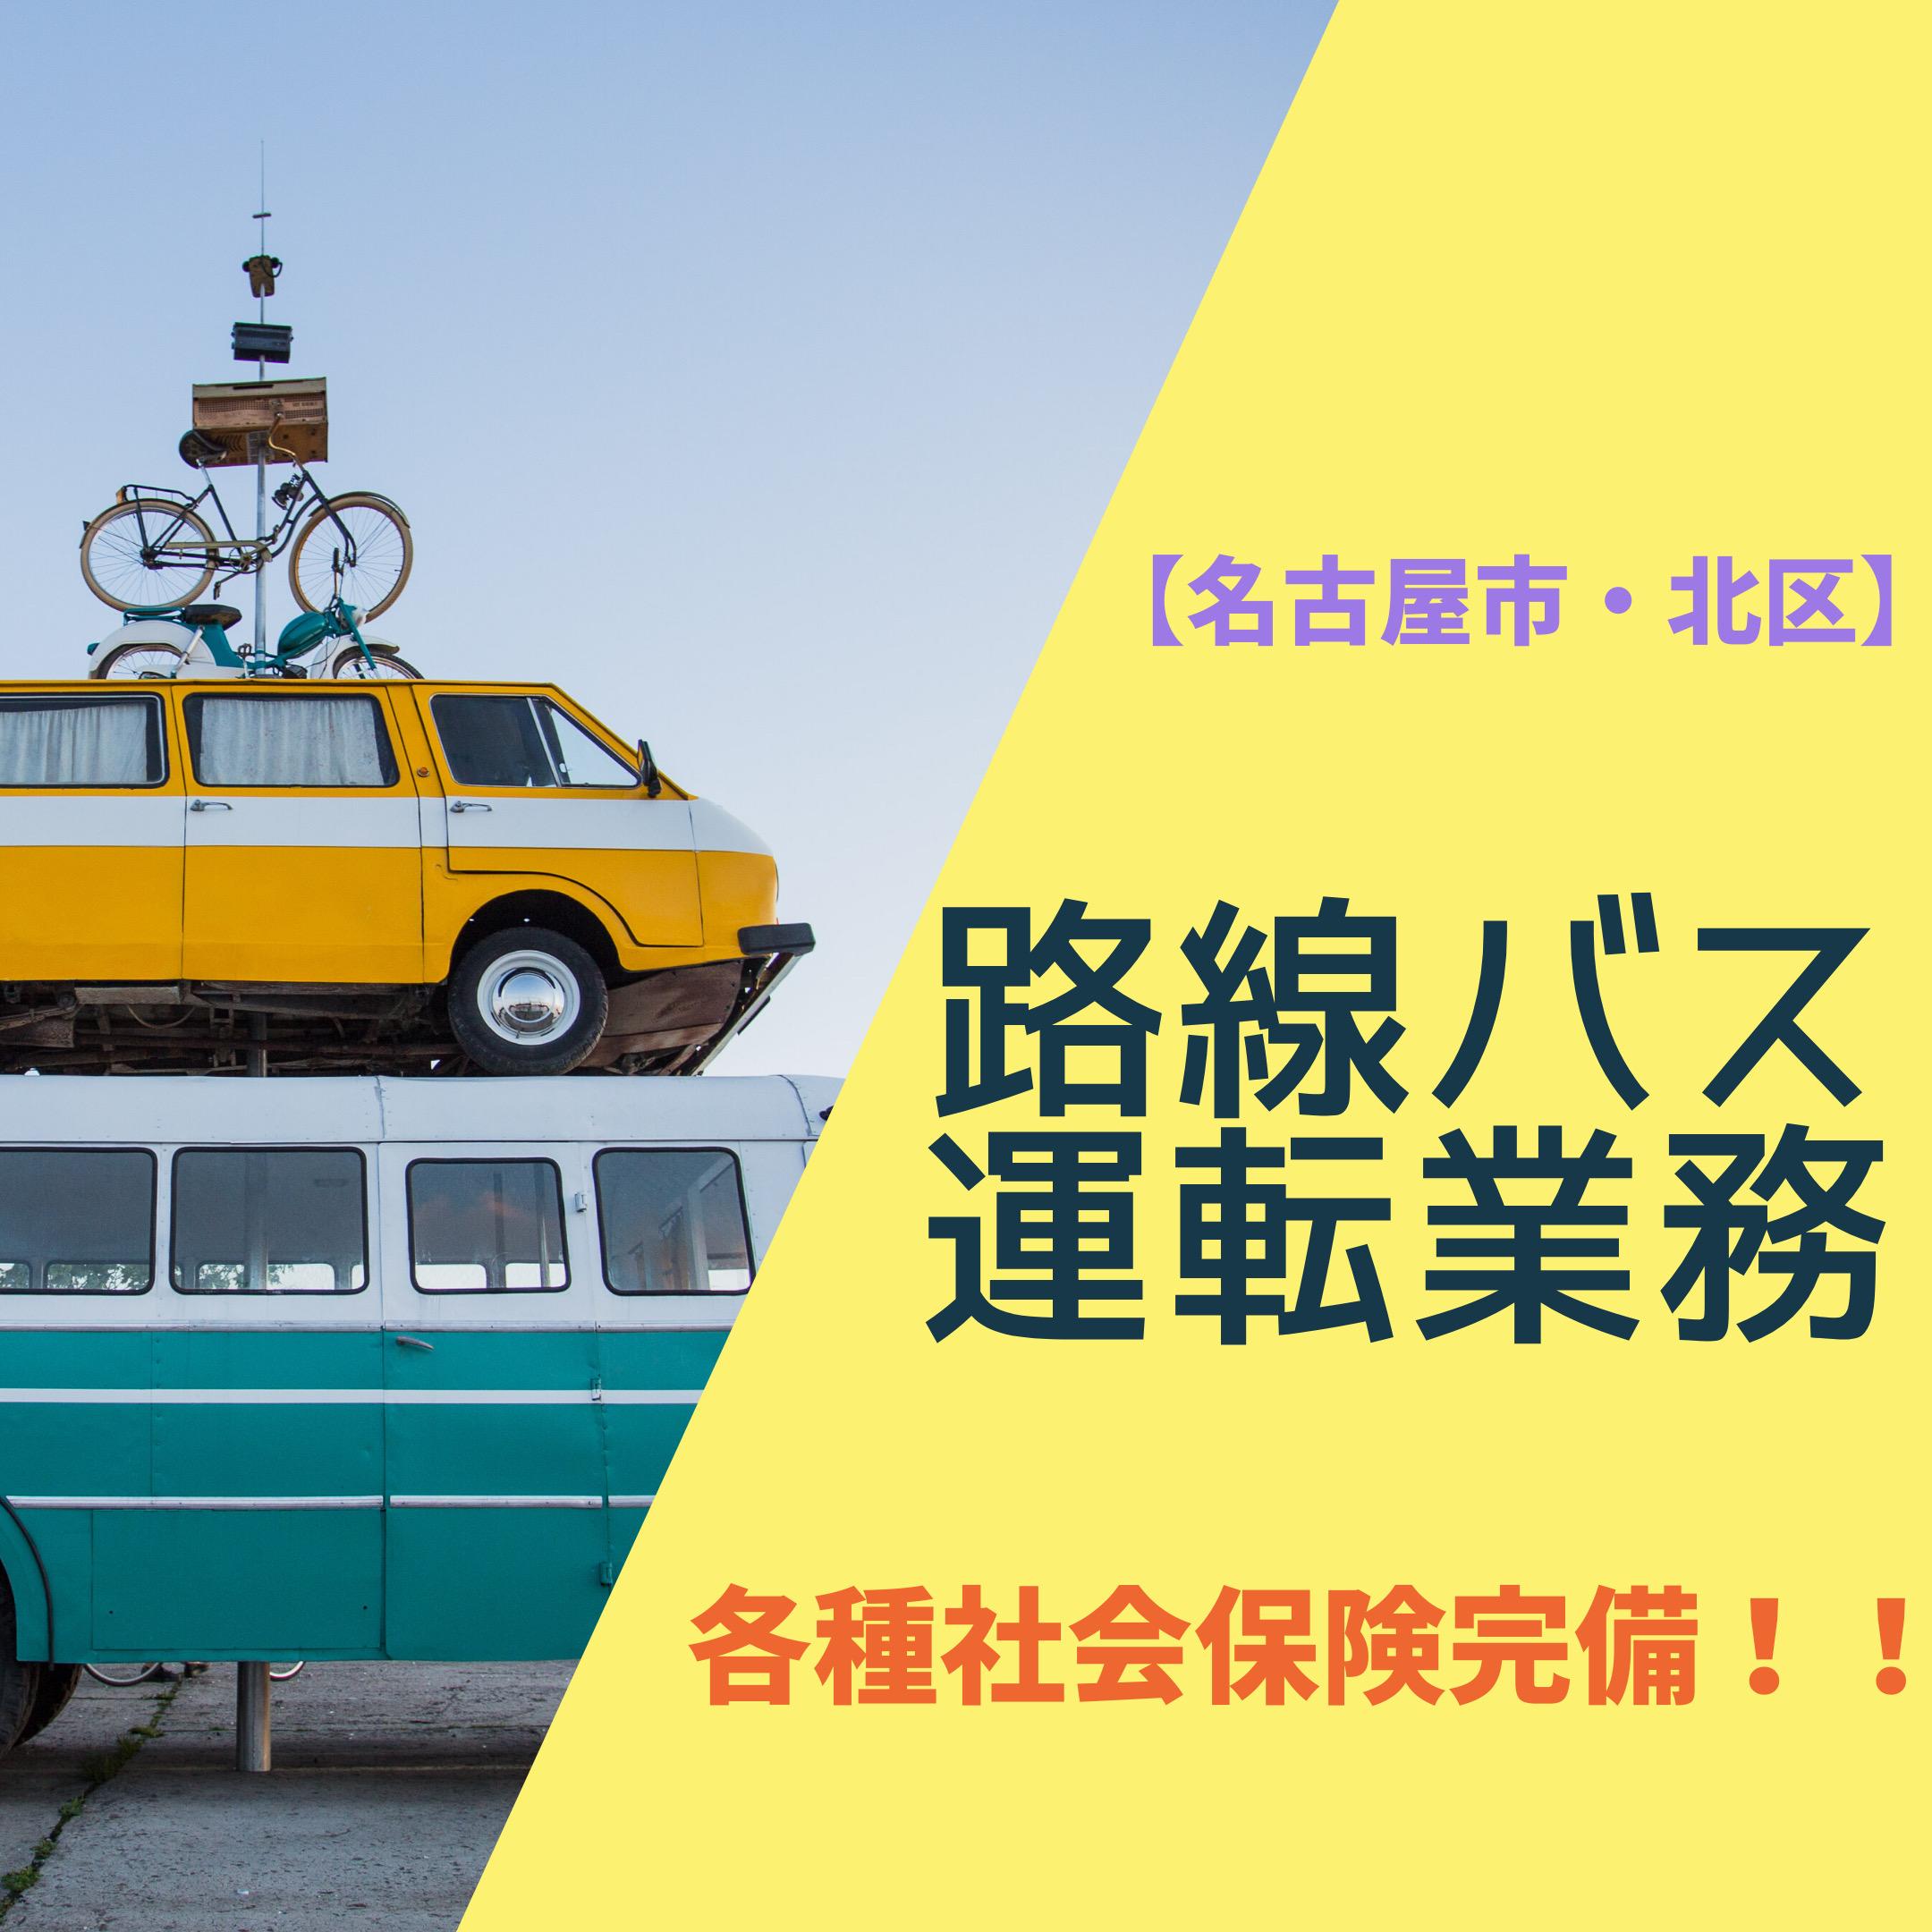 「名古屋市北区」路線バス運転士◎嬉しい待遇あり◎昇給賞与あり◎最新の独身寮完備 イメージ